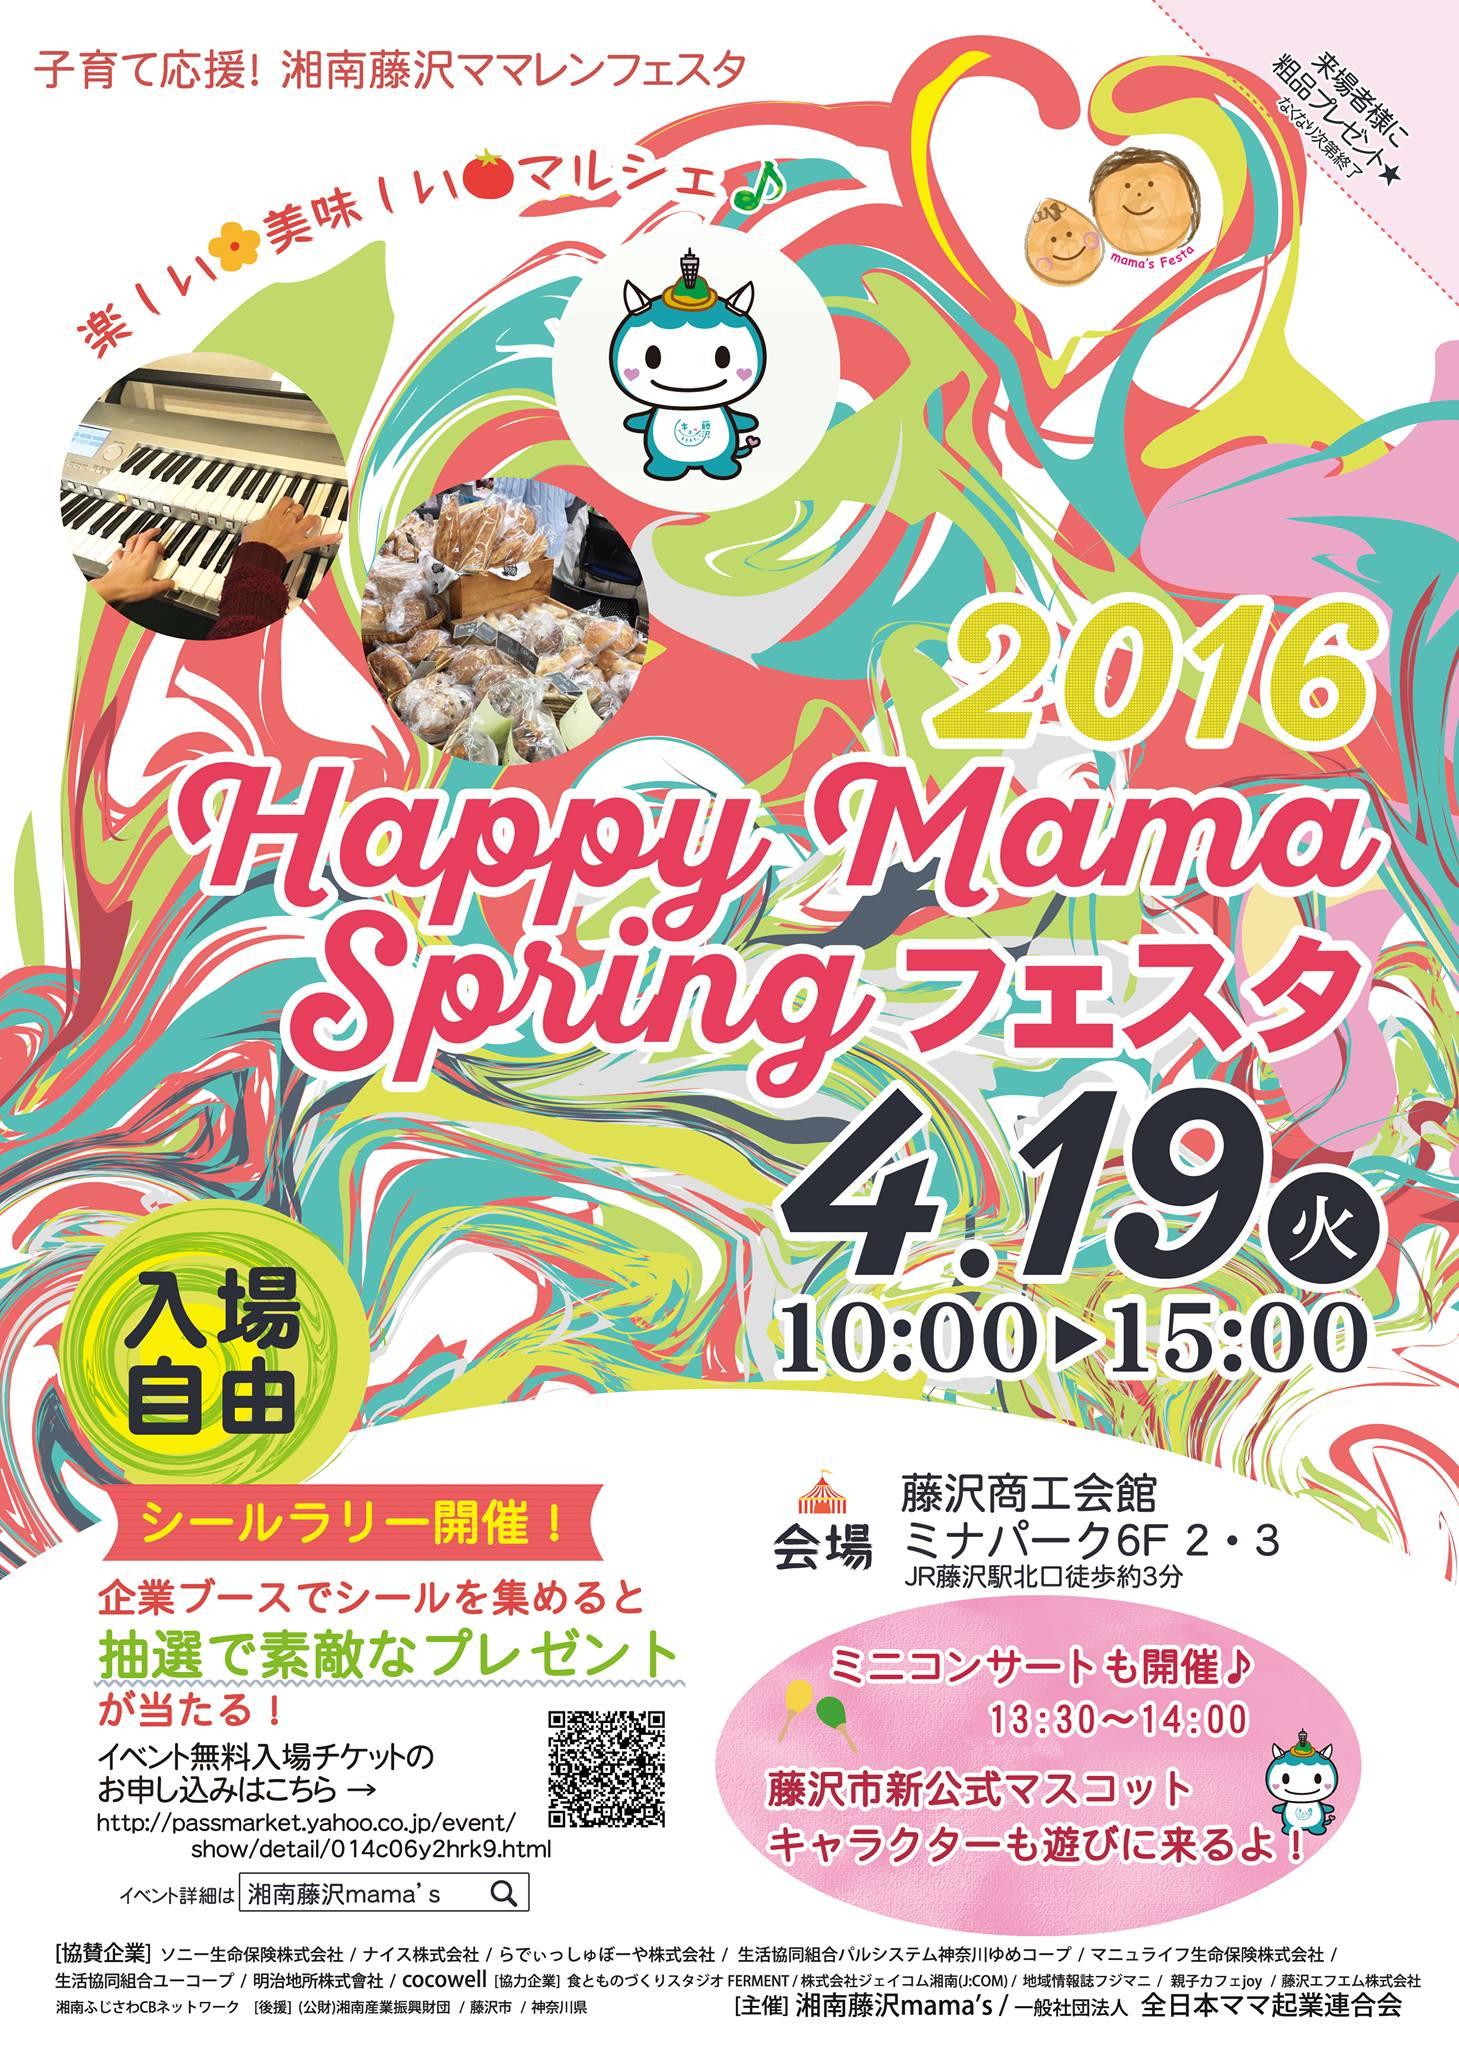 第7回 湘南藤沢mama'sフェスタ 2016.4.19